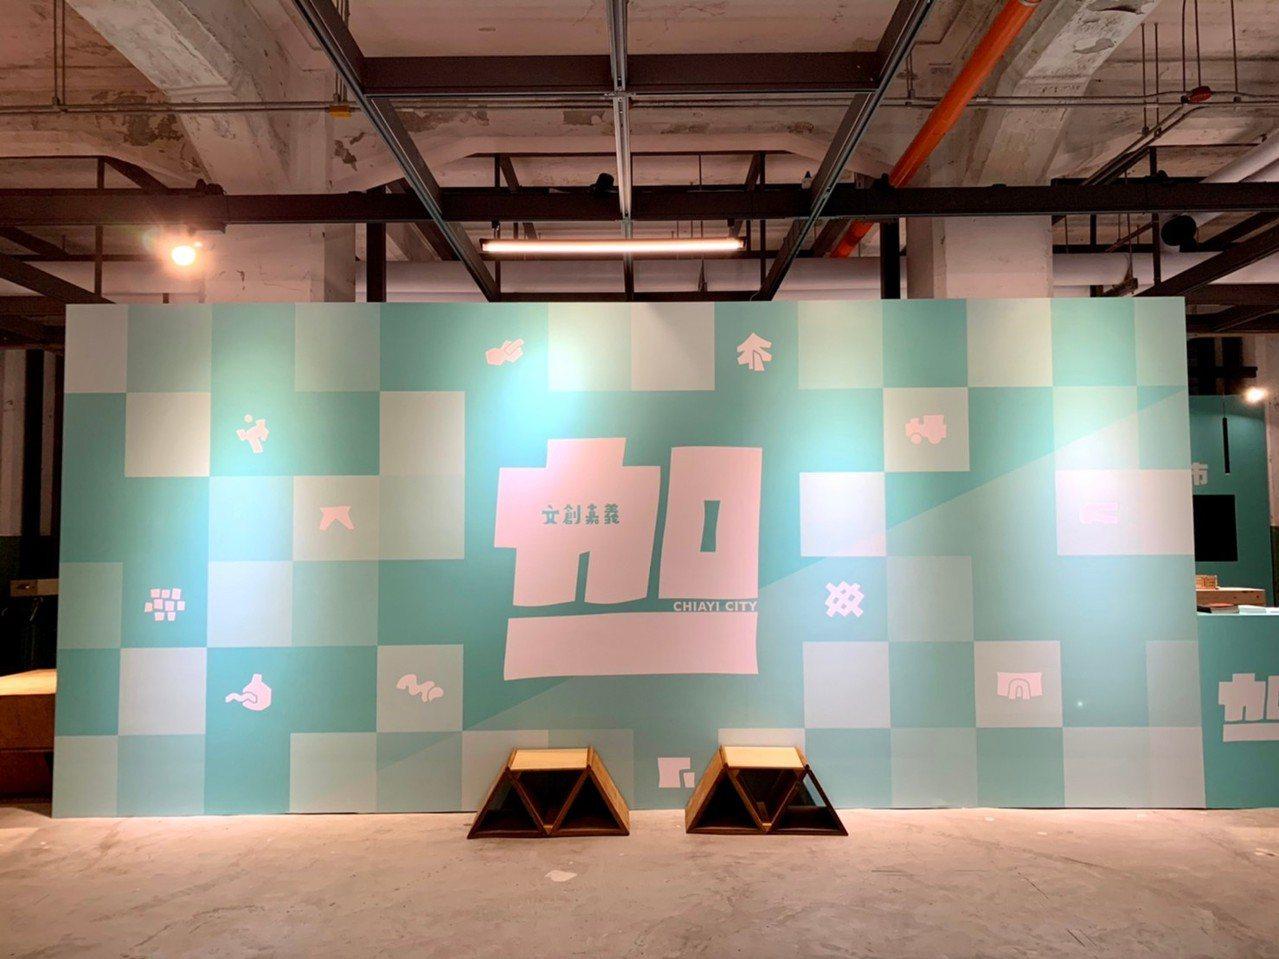 ▲將嘉義市12大文化特色整合,展現出「文創嘉一」的生命力。 攝影:韓世國